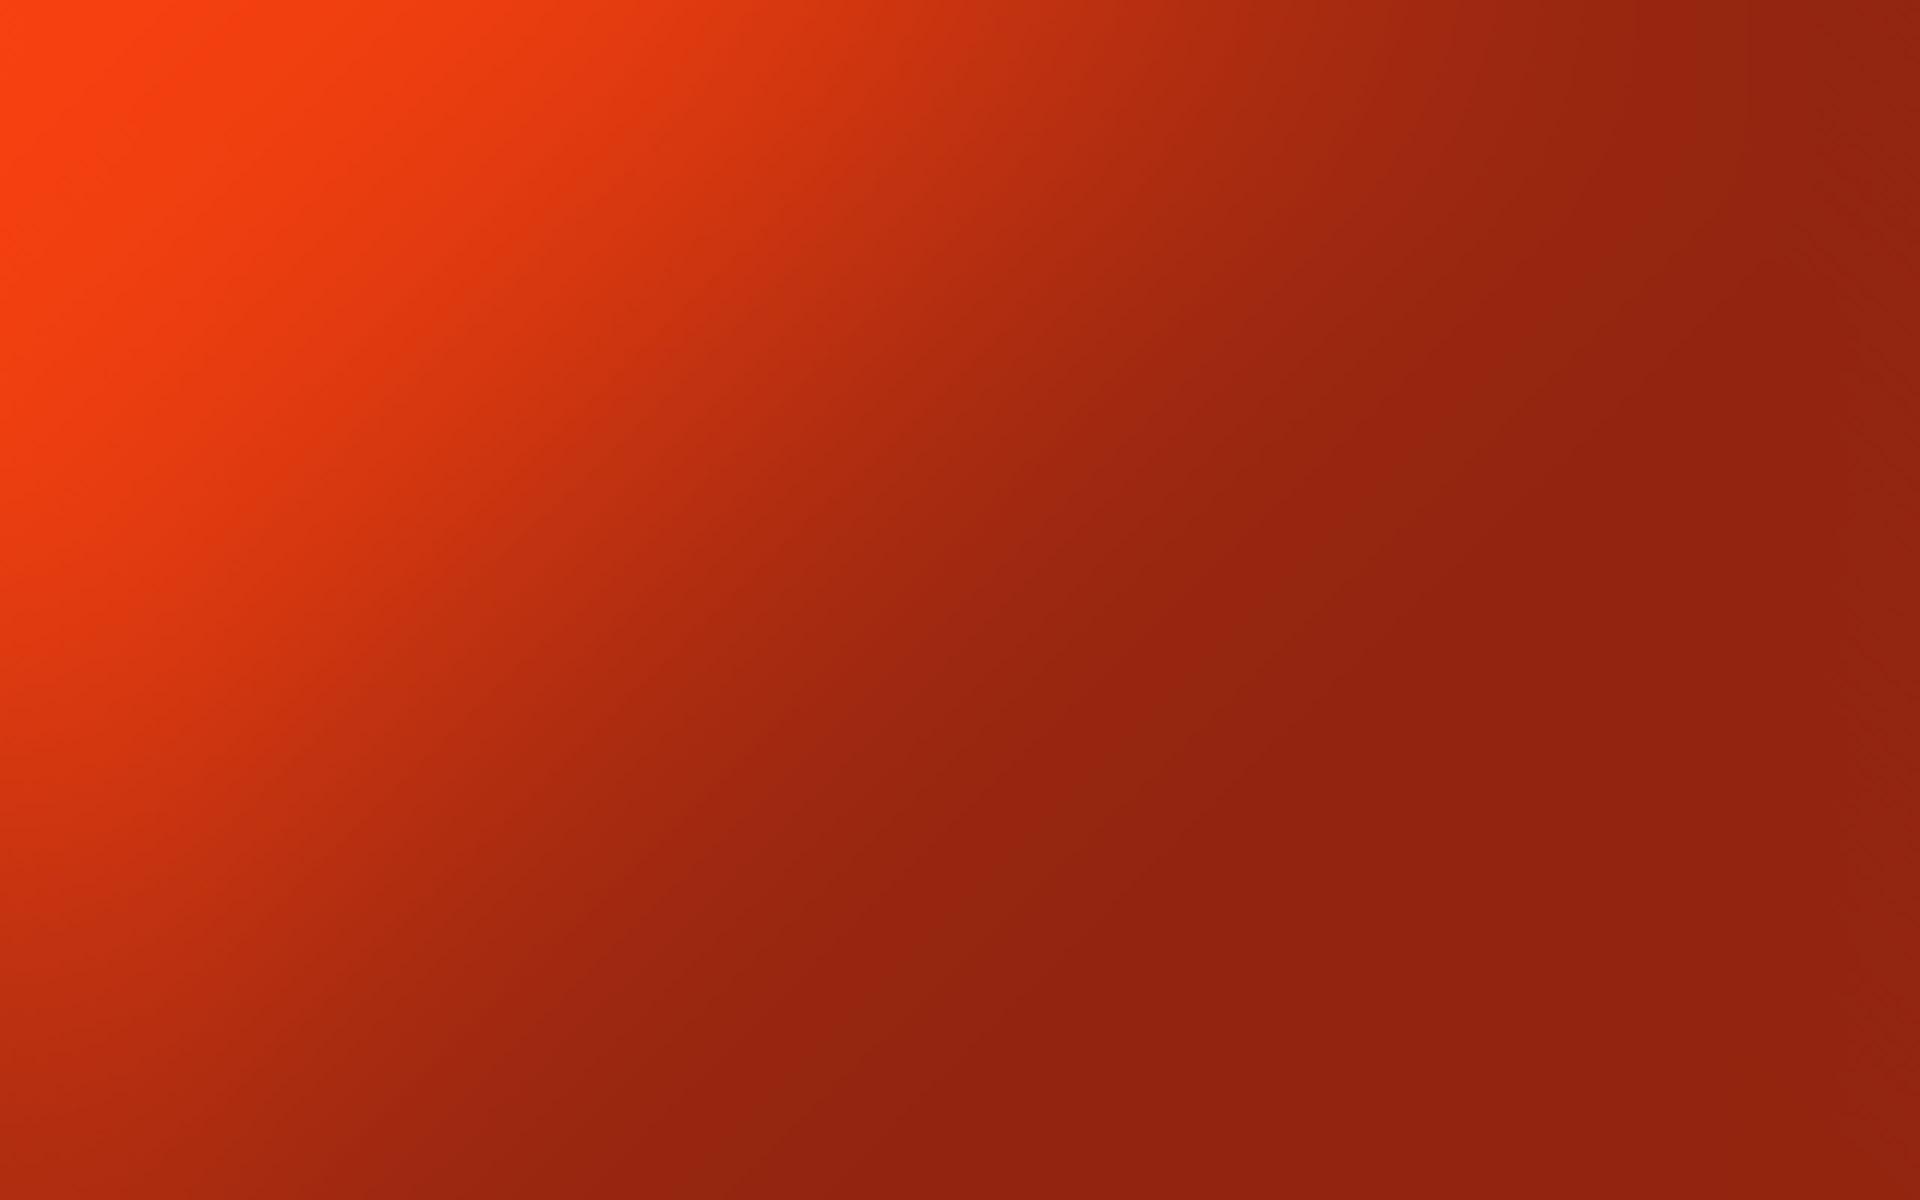 Wallpaper en Color Rojo